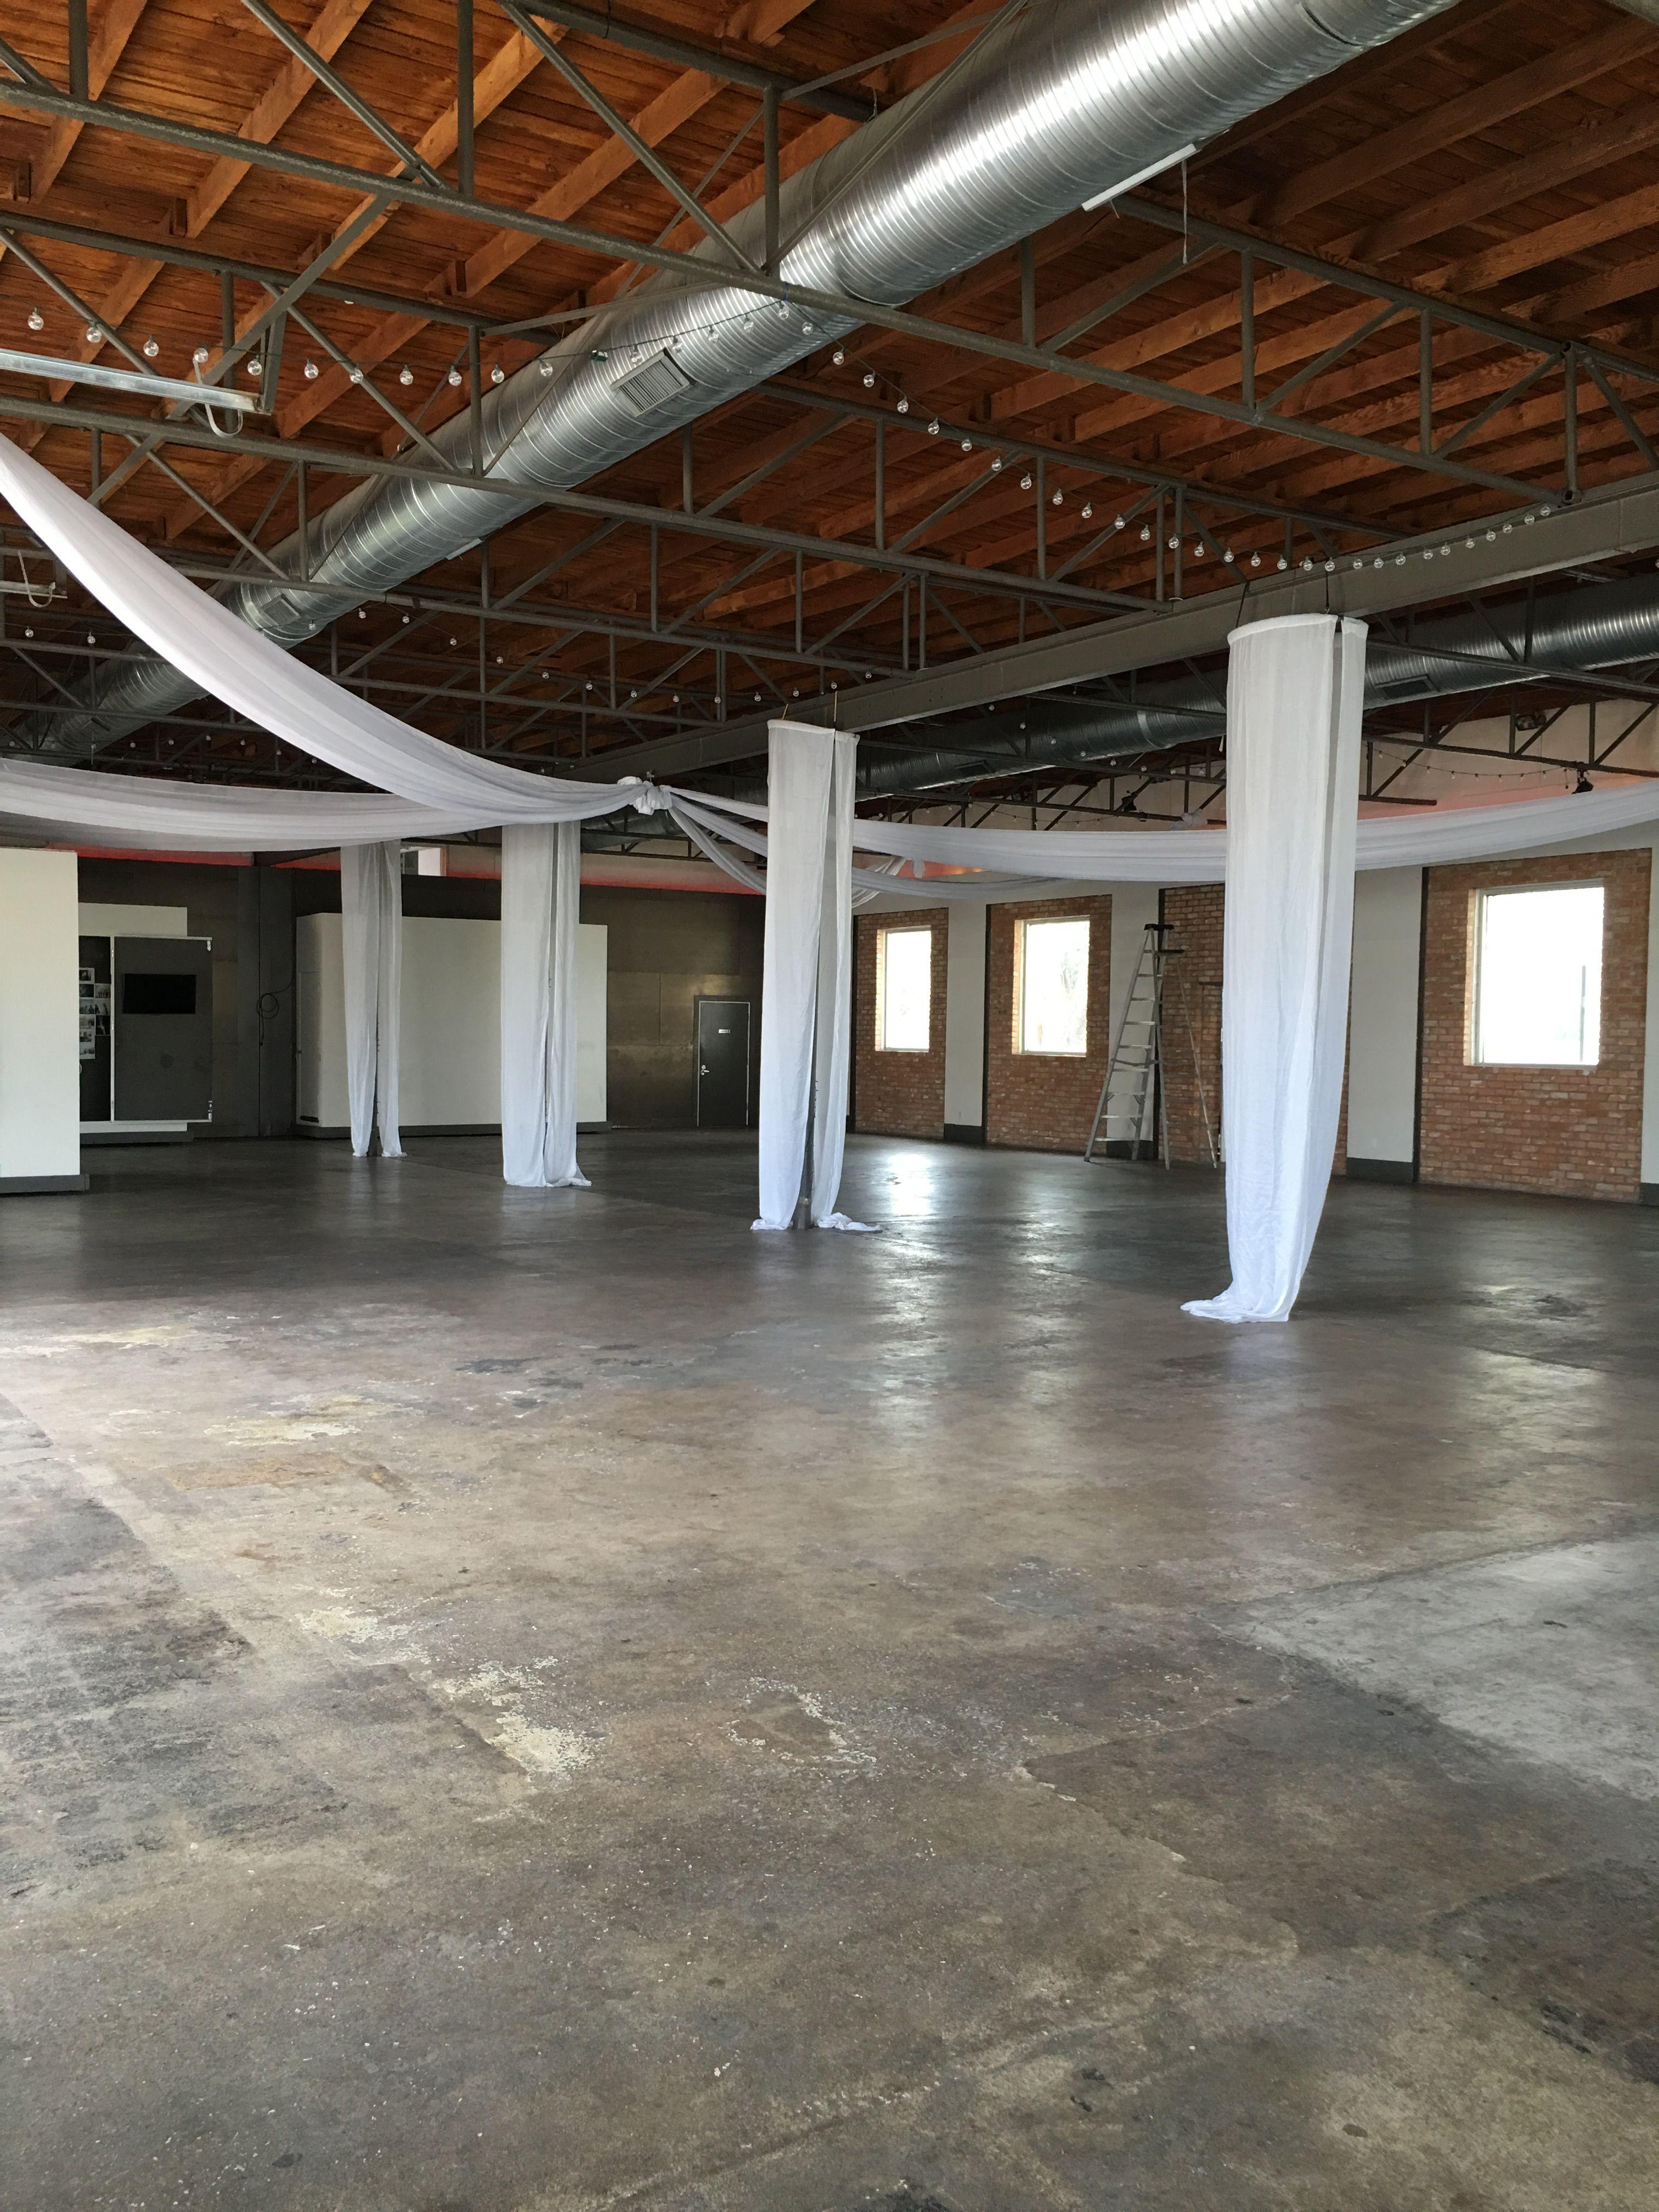 Lofty Spaces event venue in Dallas TX